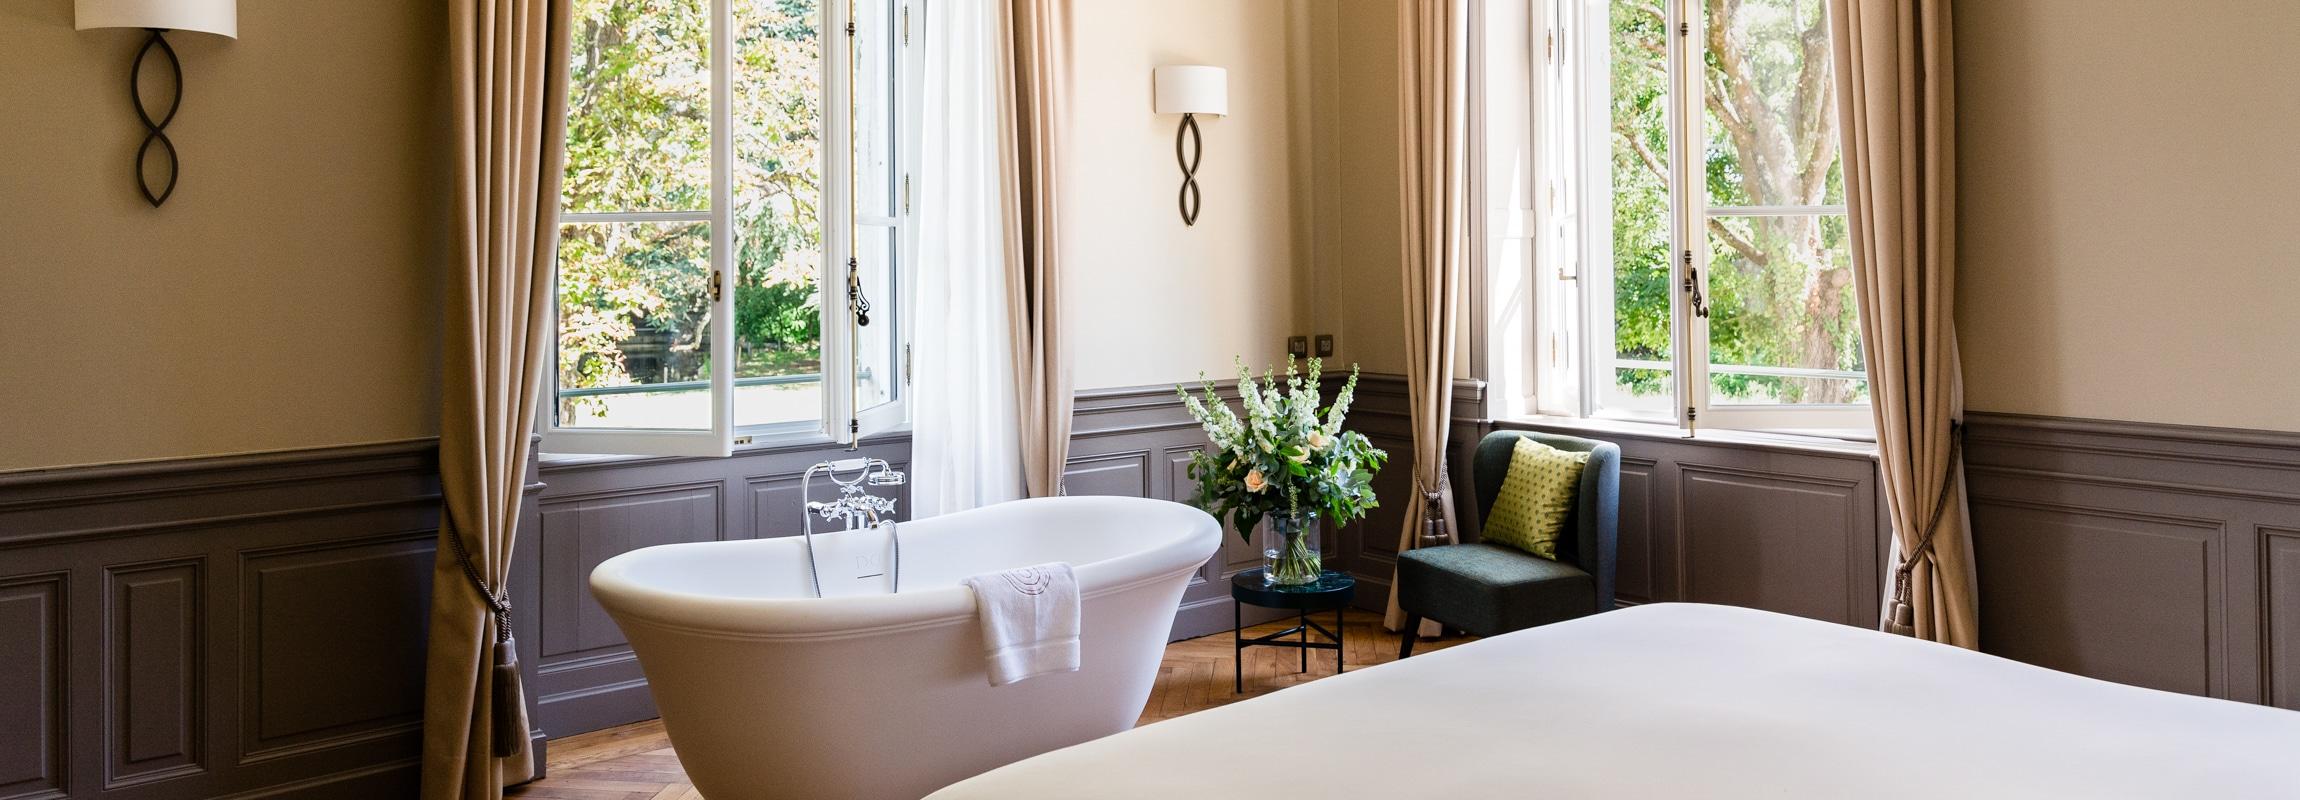 Château de Montcaud, hotel provence, Collain Suite